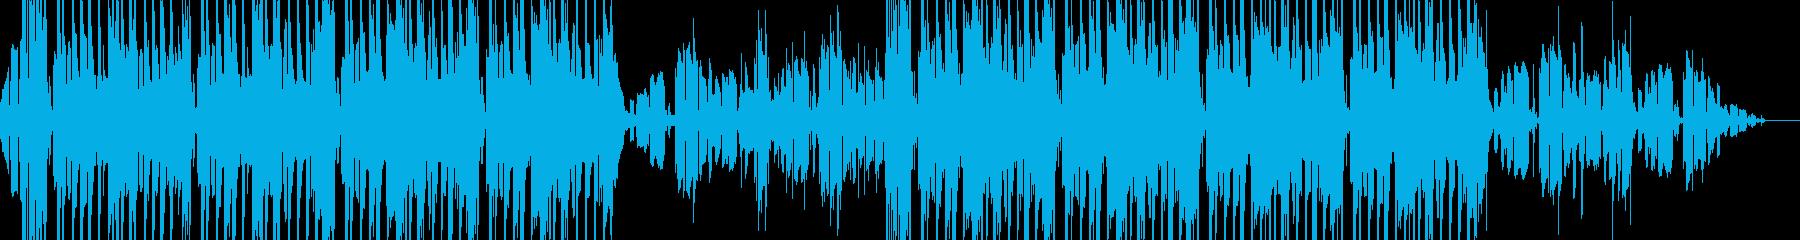 トラップ ヒップホップ レトロ 怠...の再生済みの波形